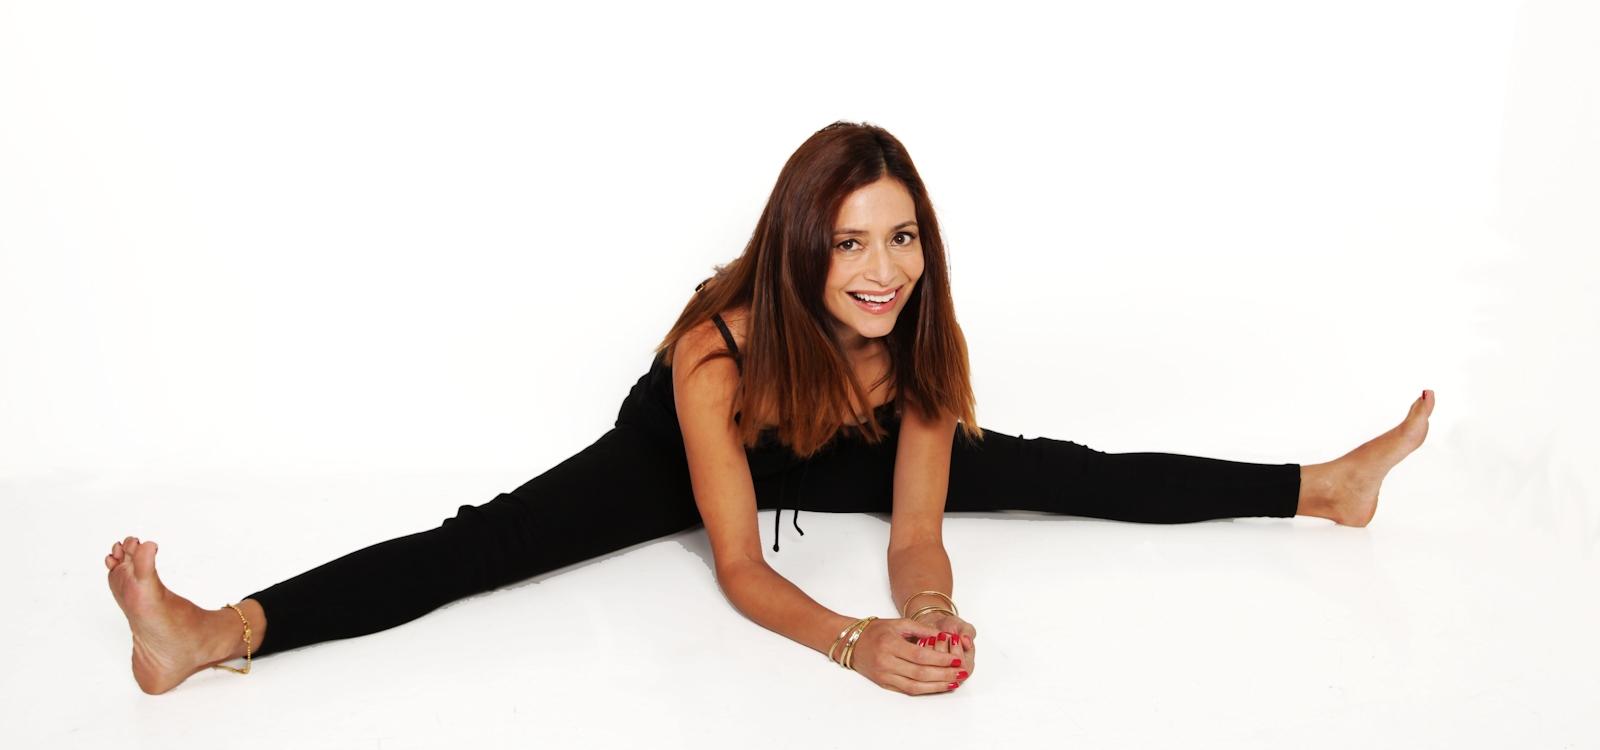 Yoga teacher and instructor